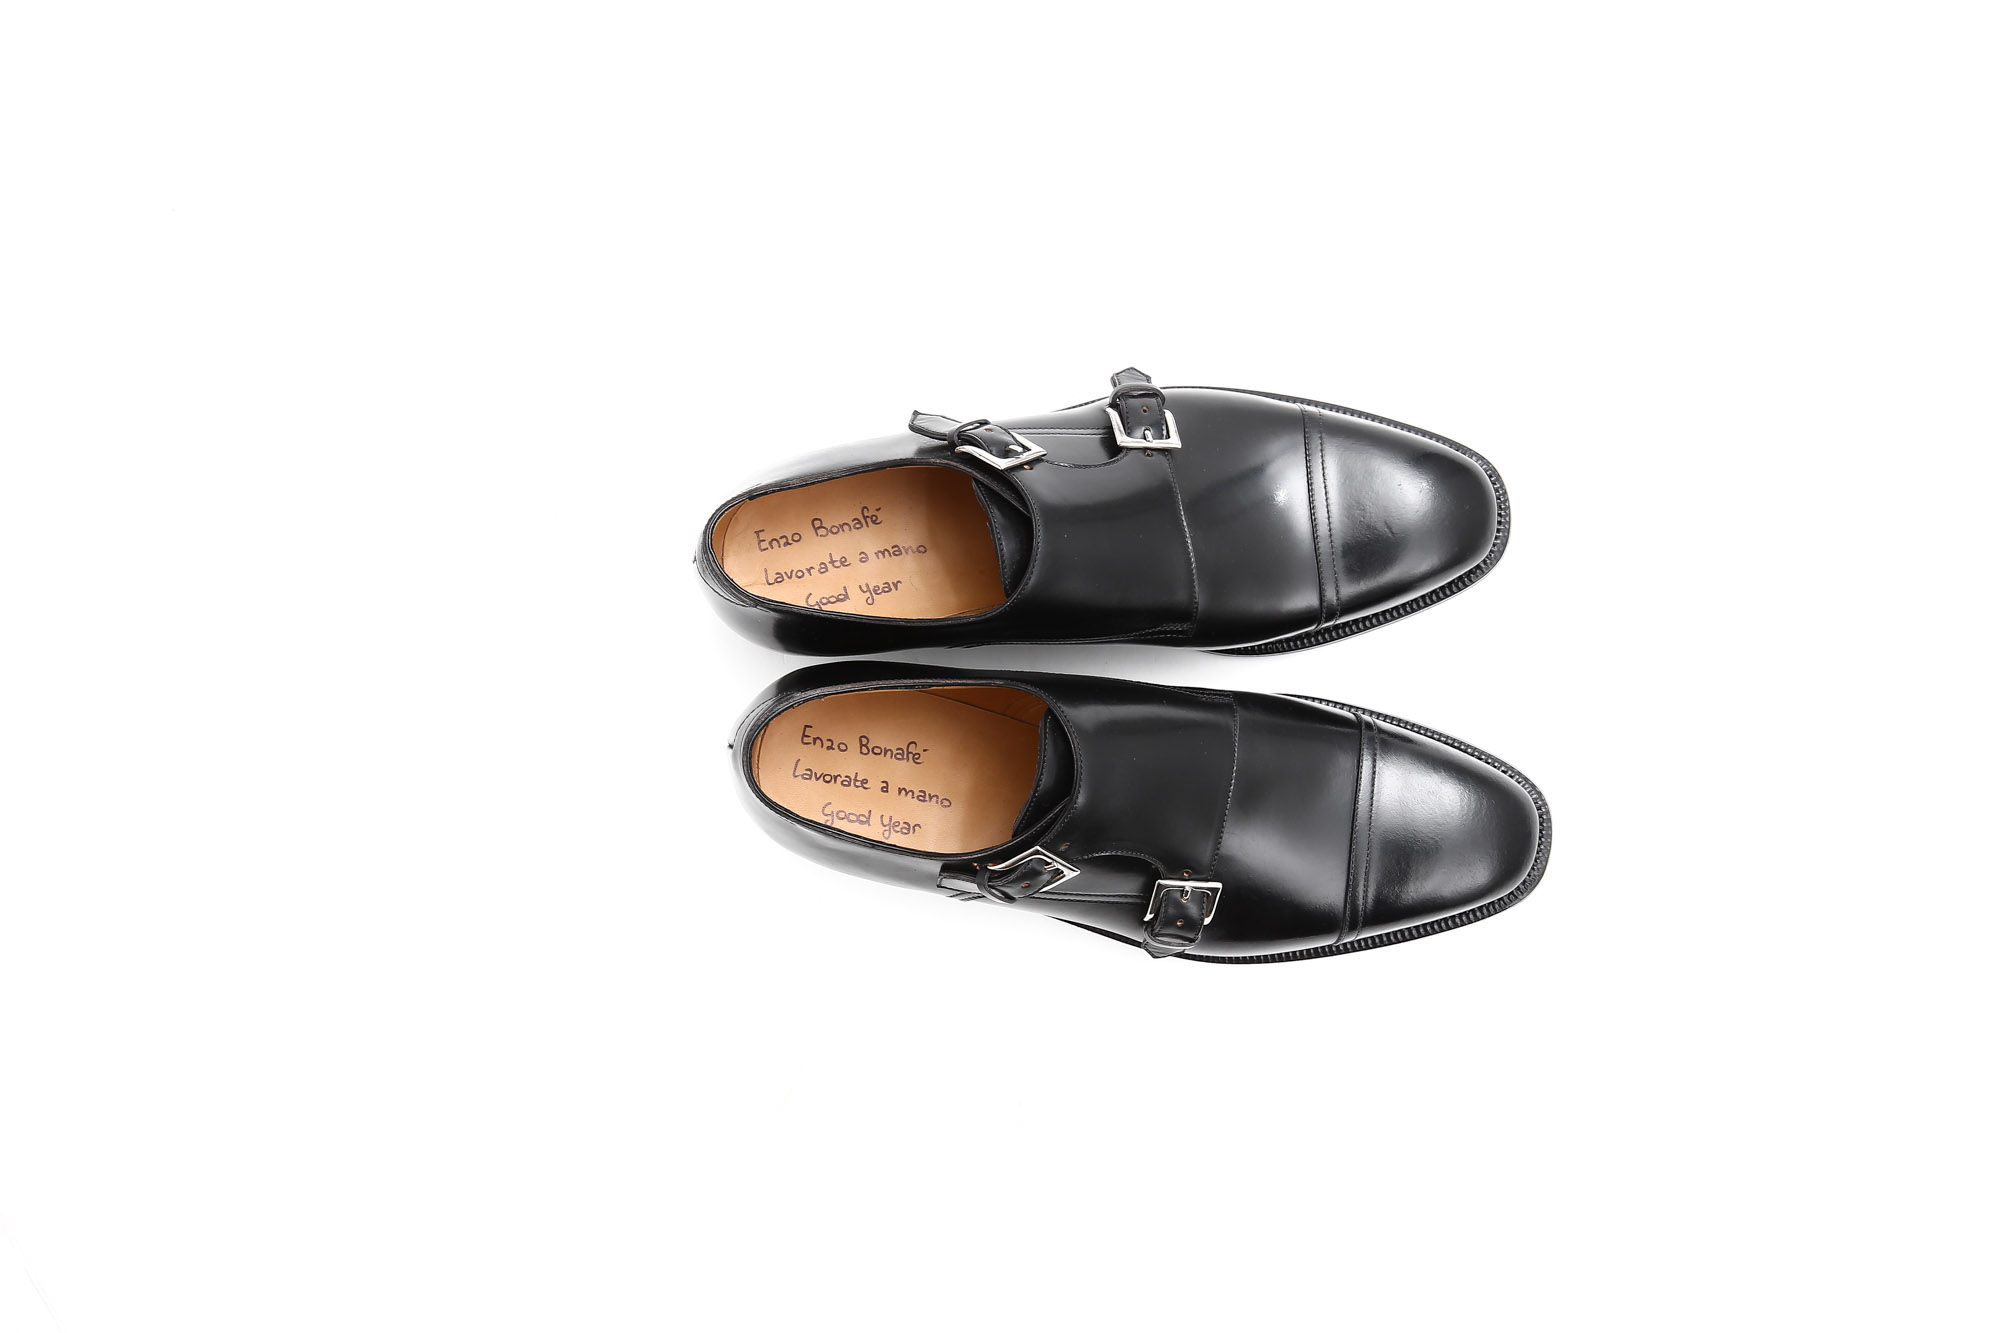 エンツォボナフェ(ENZO BONAFE) ダブルモンクストラップシューズ(double monk strap shoes)ホーウィンシェルコードバンHorween Shell Cordovan leather  ブラック(NERO)  愛知 名古屋 Alto e Diritto アルト エ デリット 取扱い ボナフェ 別注